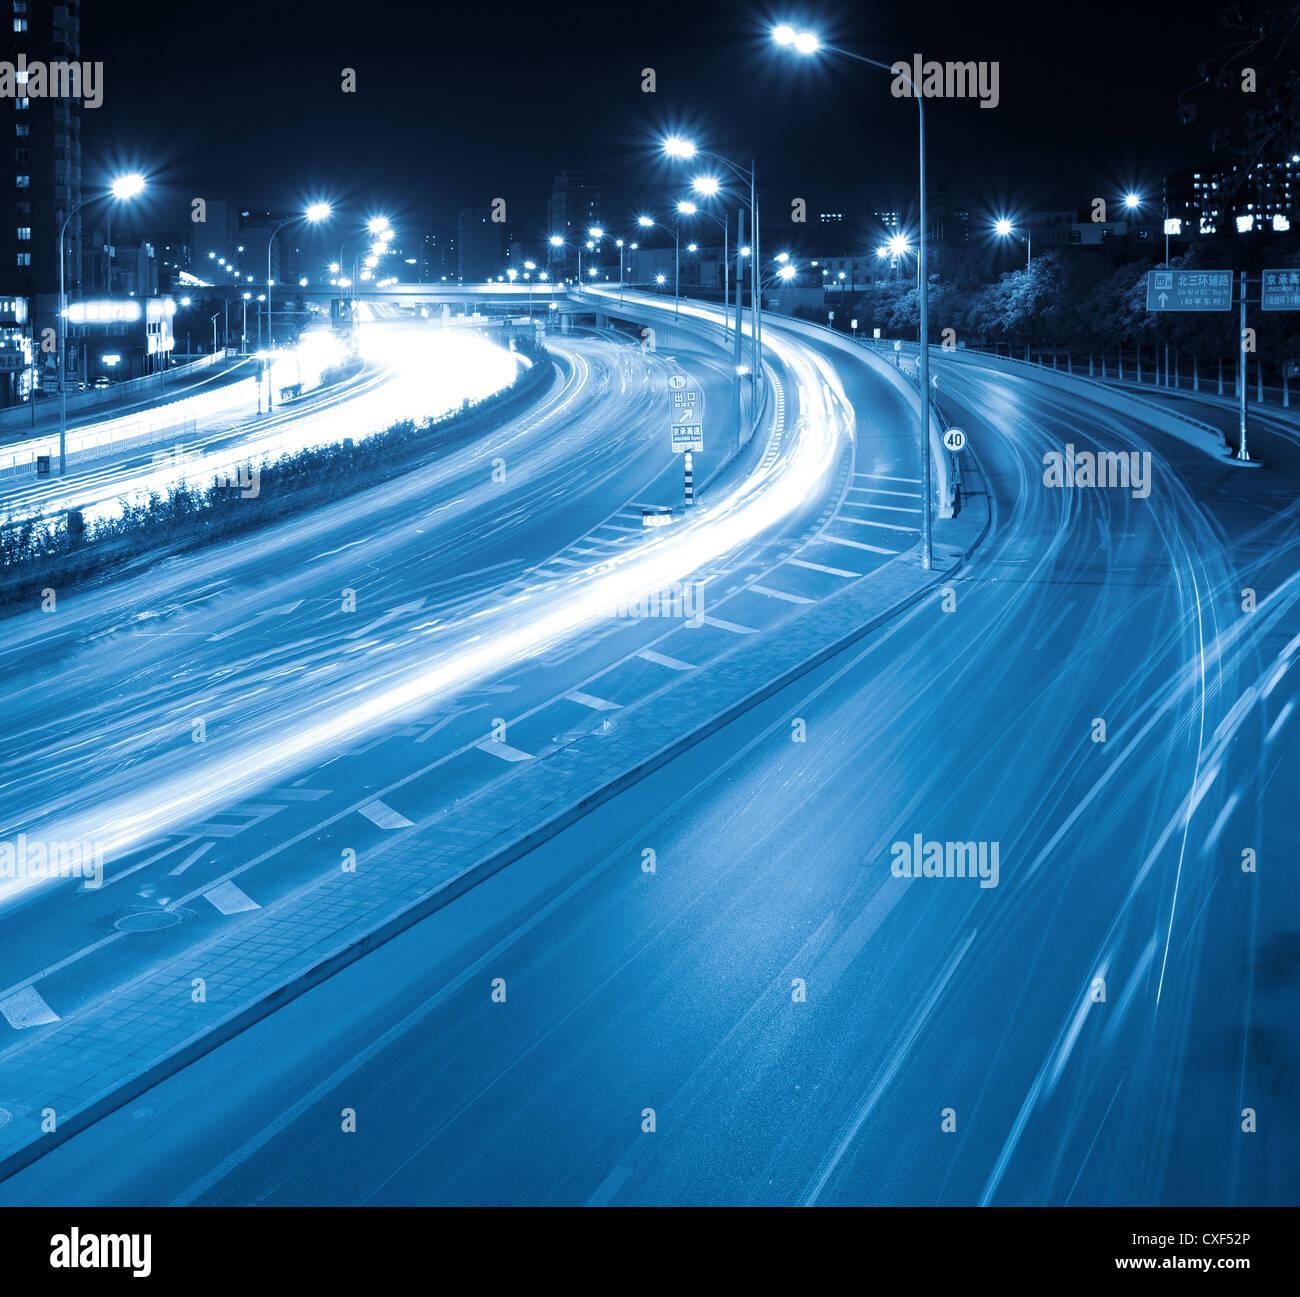 Nachtverkehr in modernen Stadt Stockbild